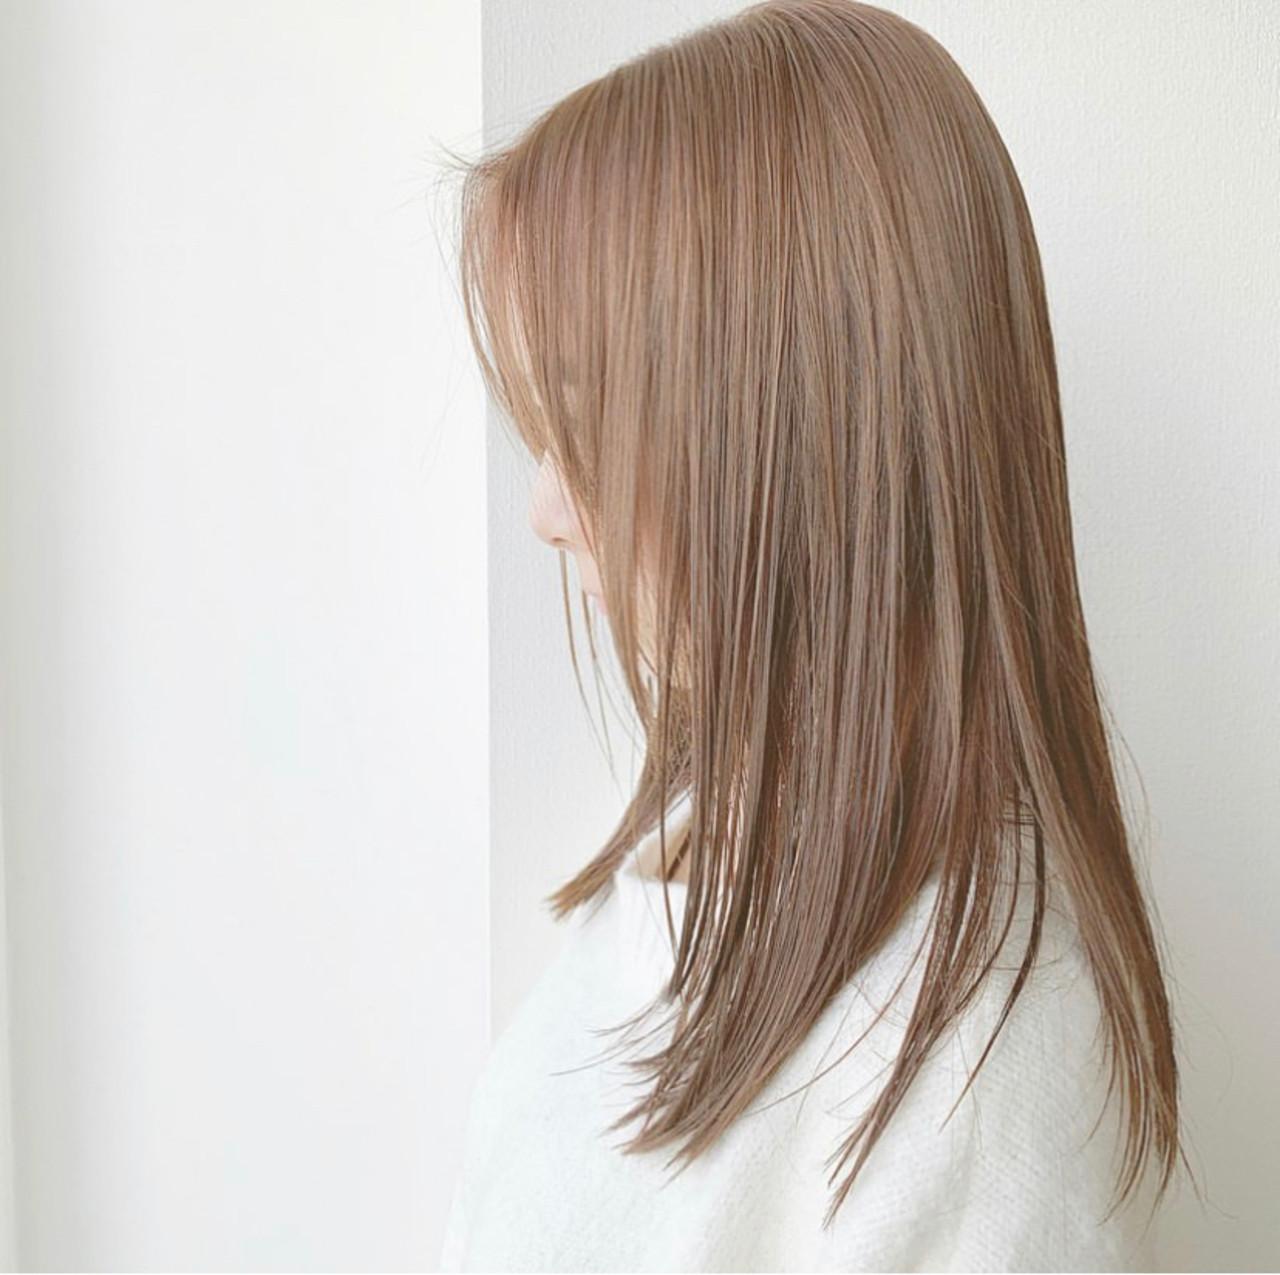 セミロング ナチュラルベージュ 可愛い フェミニン ヘアスタイルや髪型の写真・画像